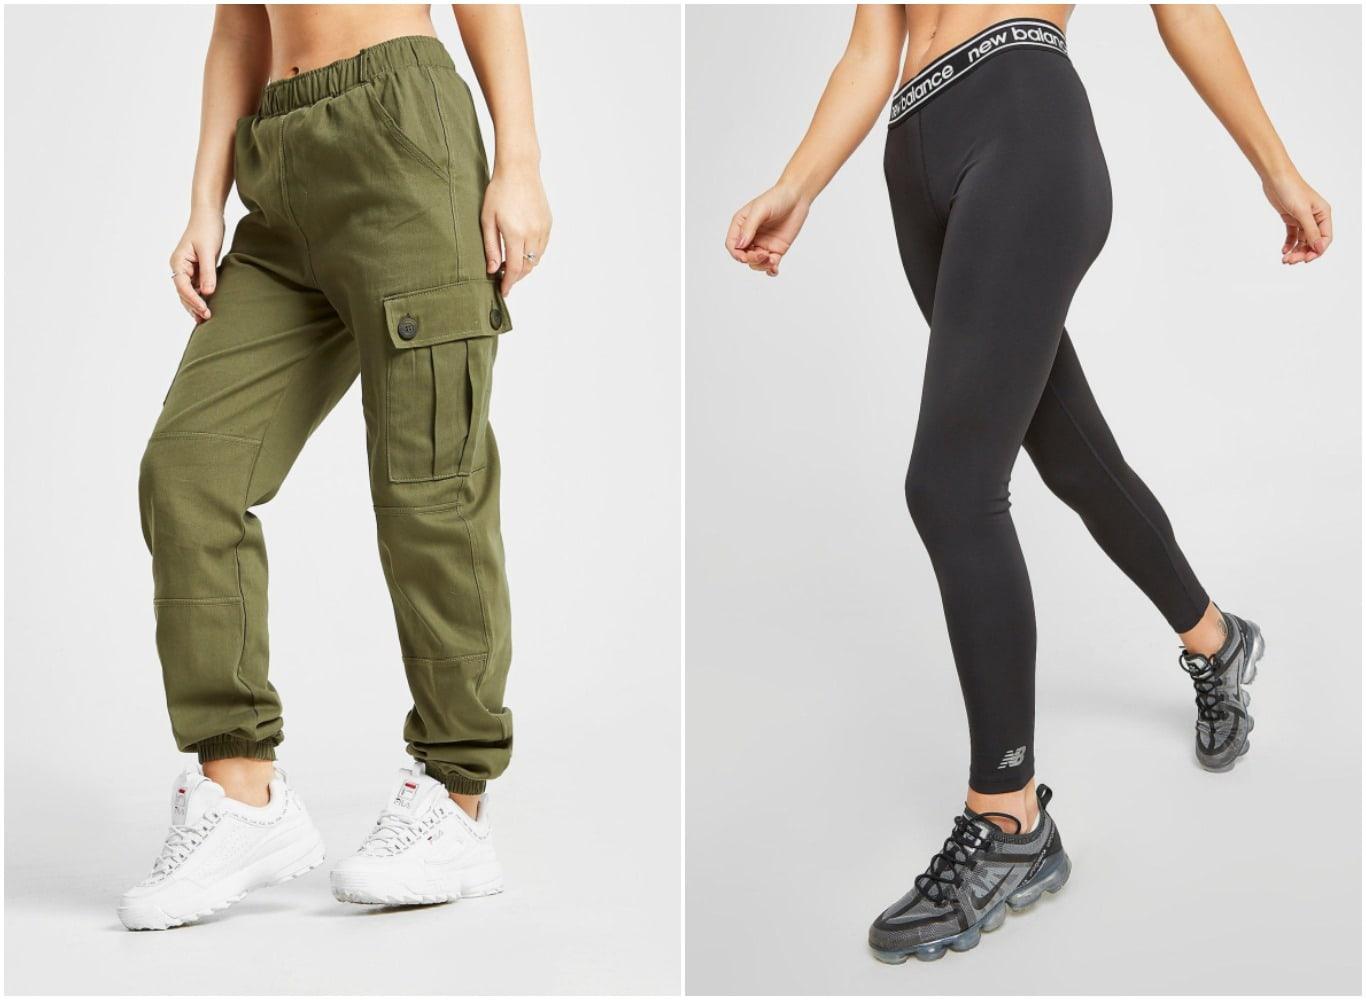 Pantalón cargo de Supply & Demand y mallas de New Balance para mujer